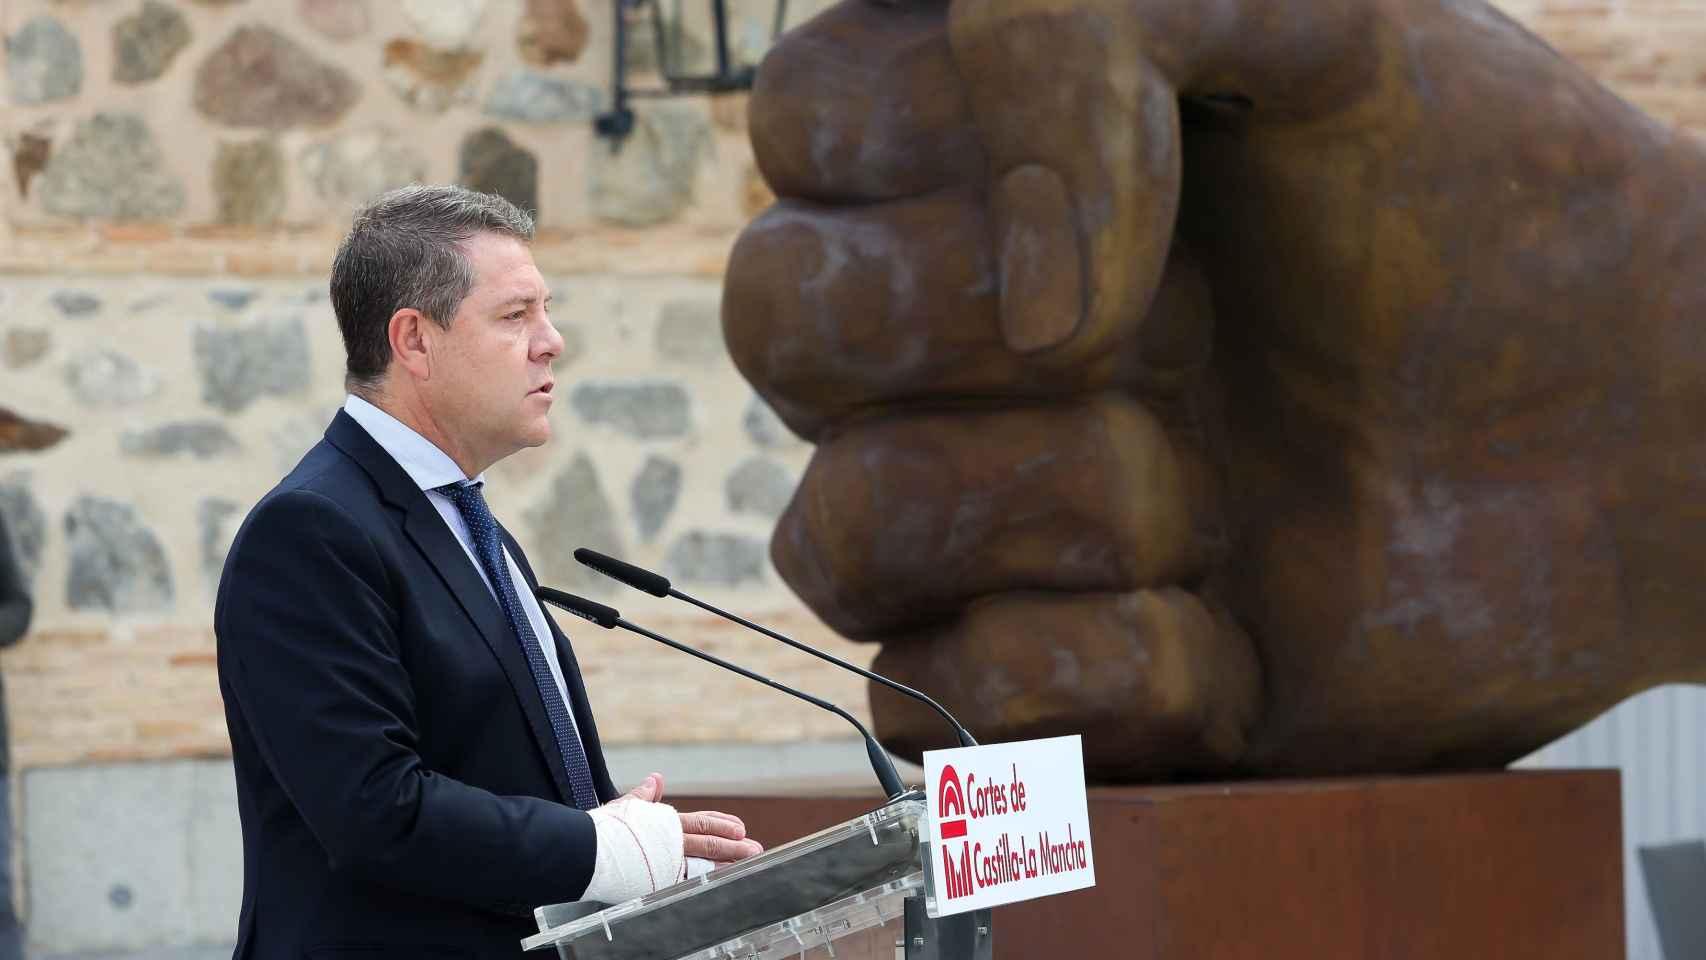 La escultura con la que Castilla-La Mancha recordará siempre a las víctimas de la pandemia